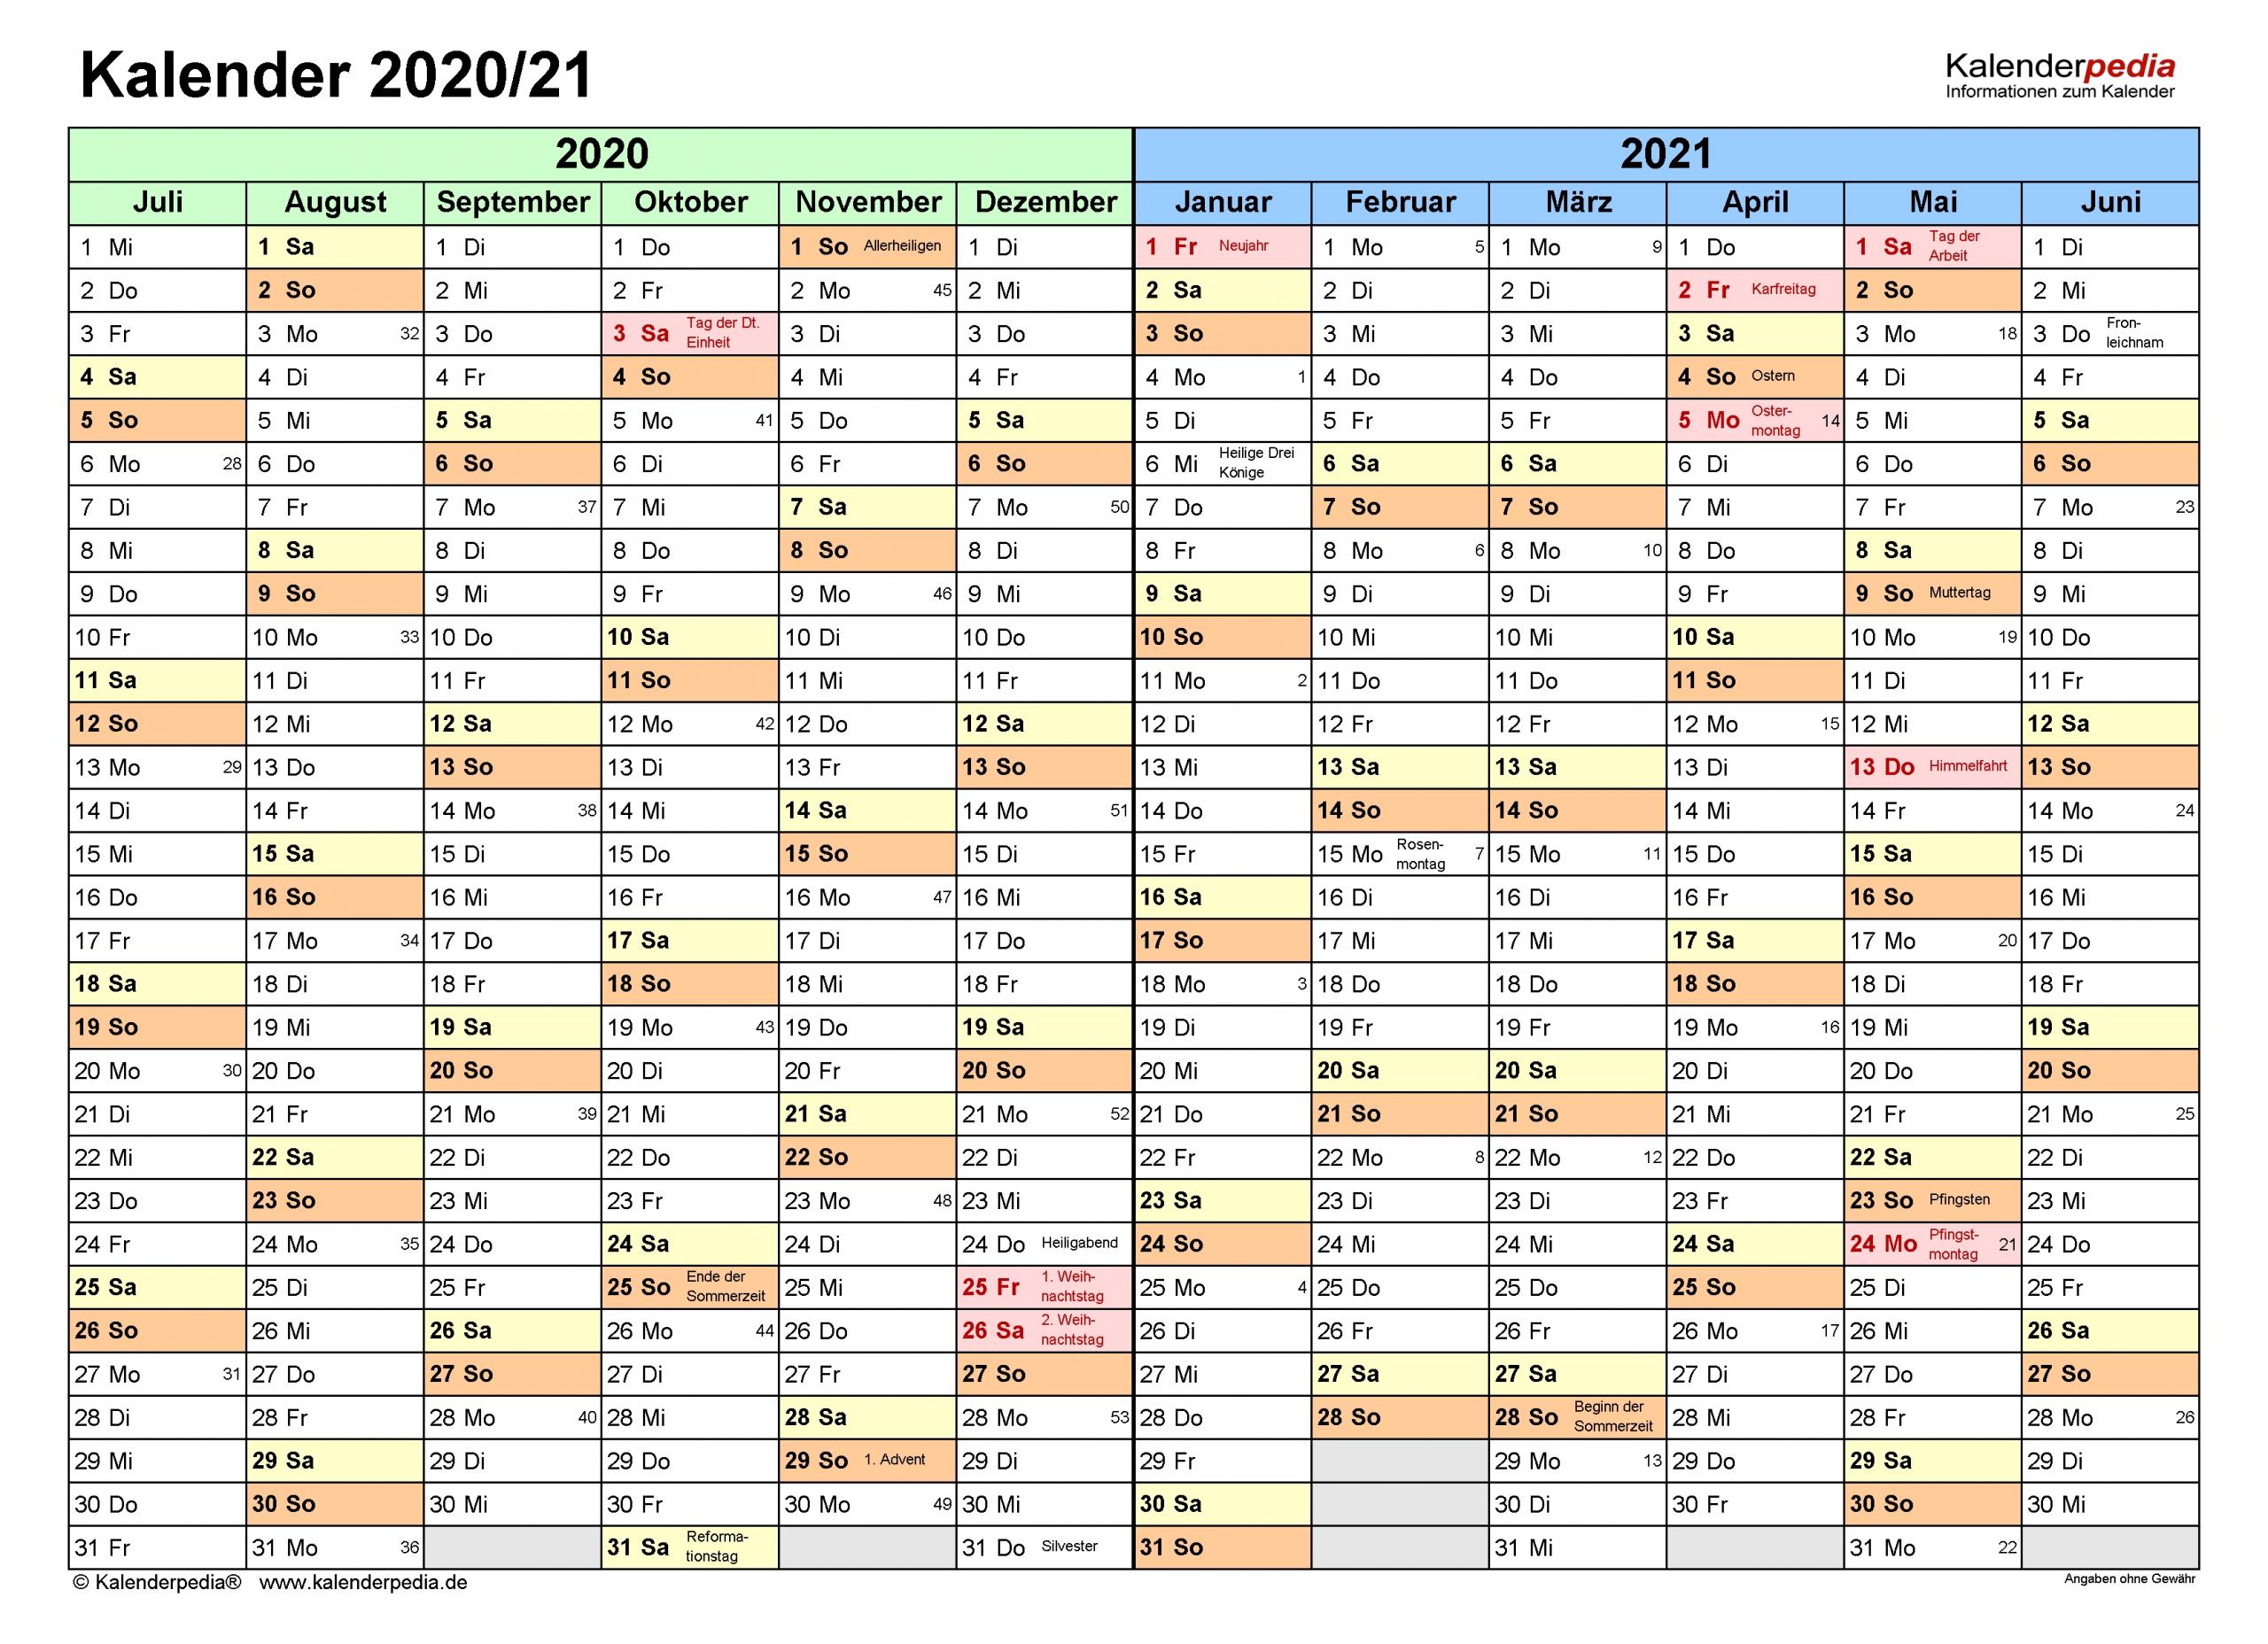 Get Kalender 2021 Zum Ausdrucken Kostenlos Ab Juli